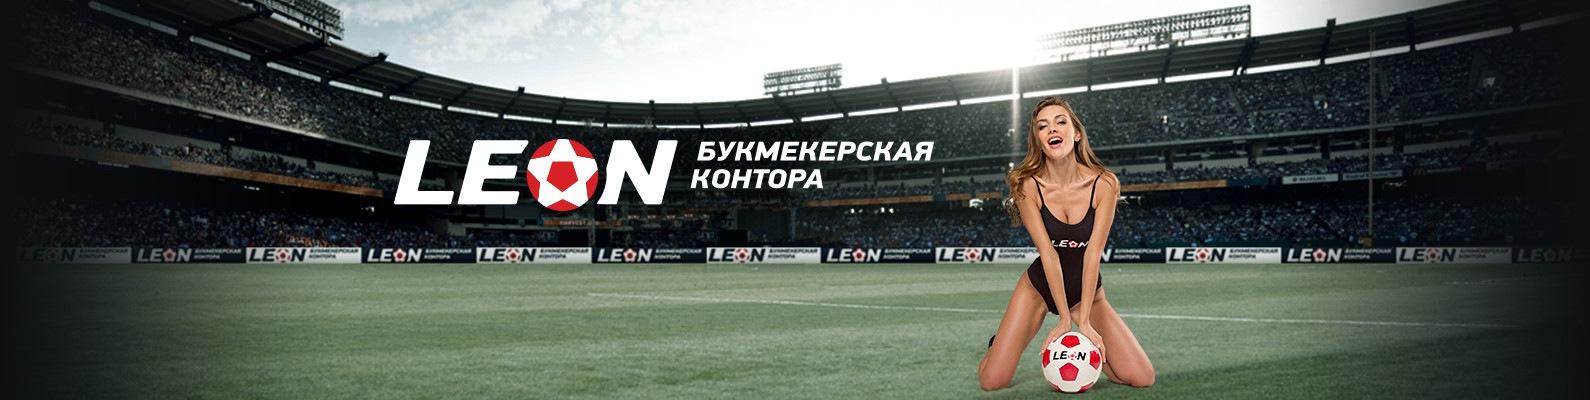 Леон — букмекерская контора, сайт БК Leon